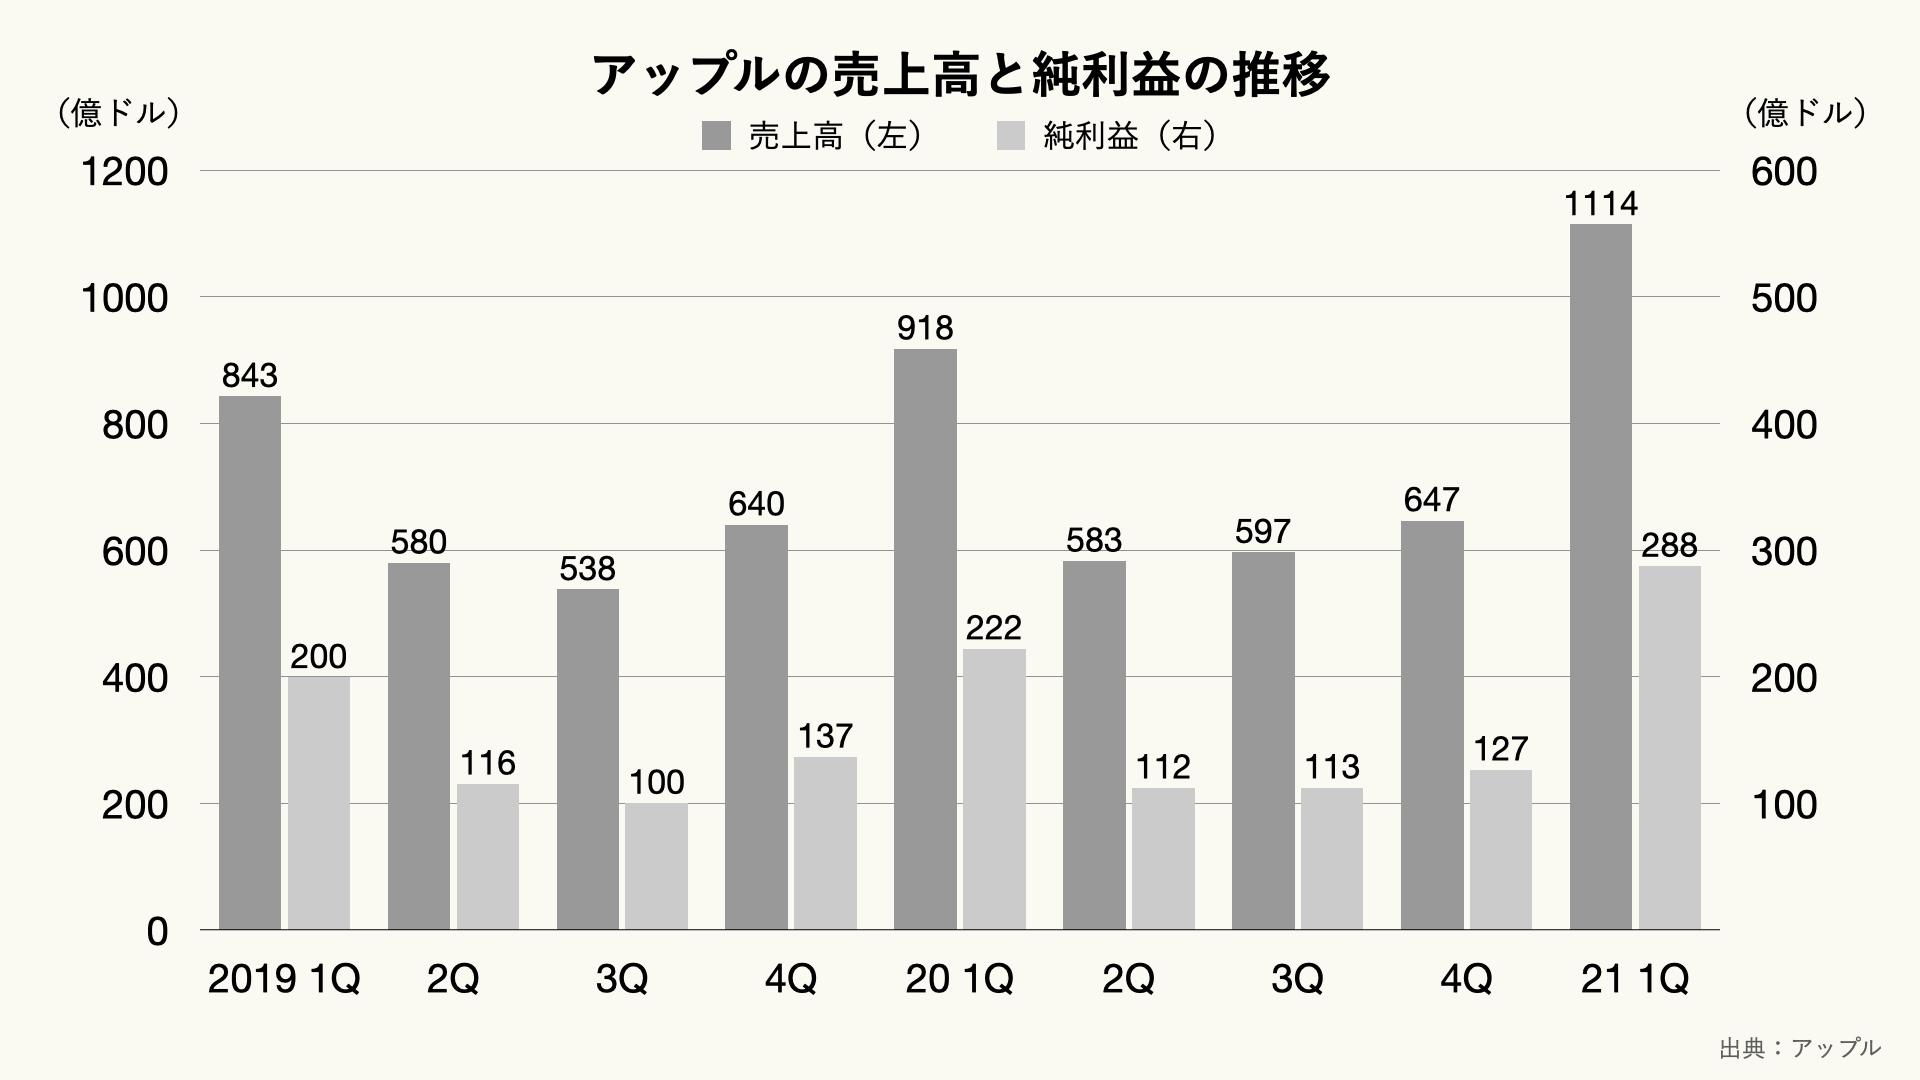 アップルの売上高と純利益の推移(四半期ベース)のグラフ